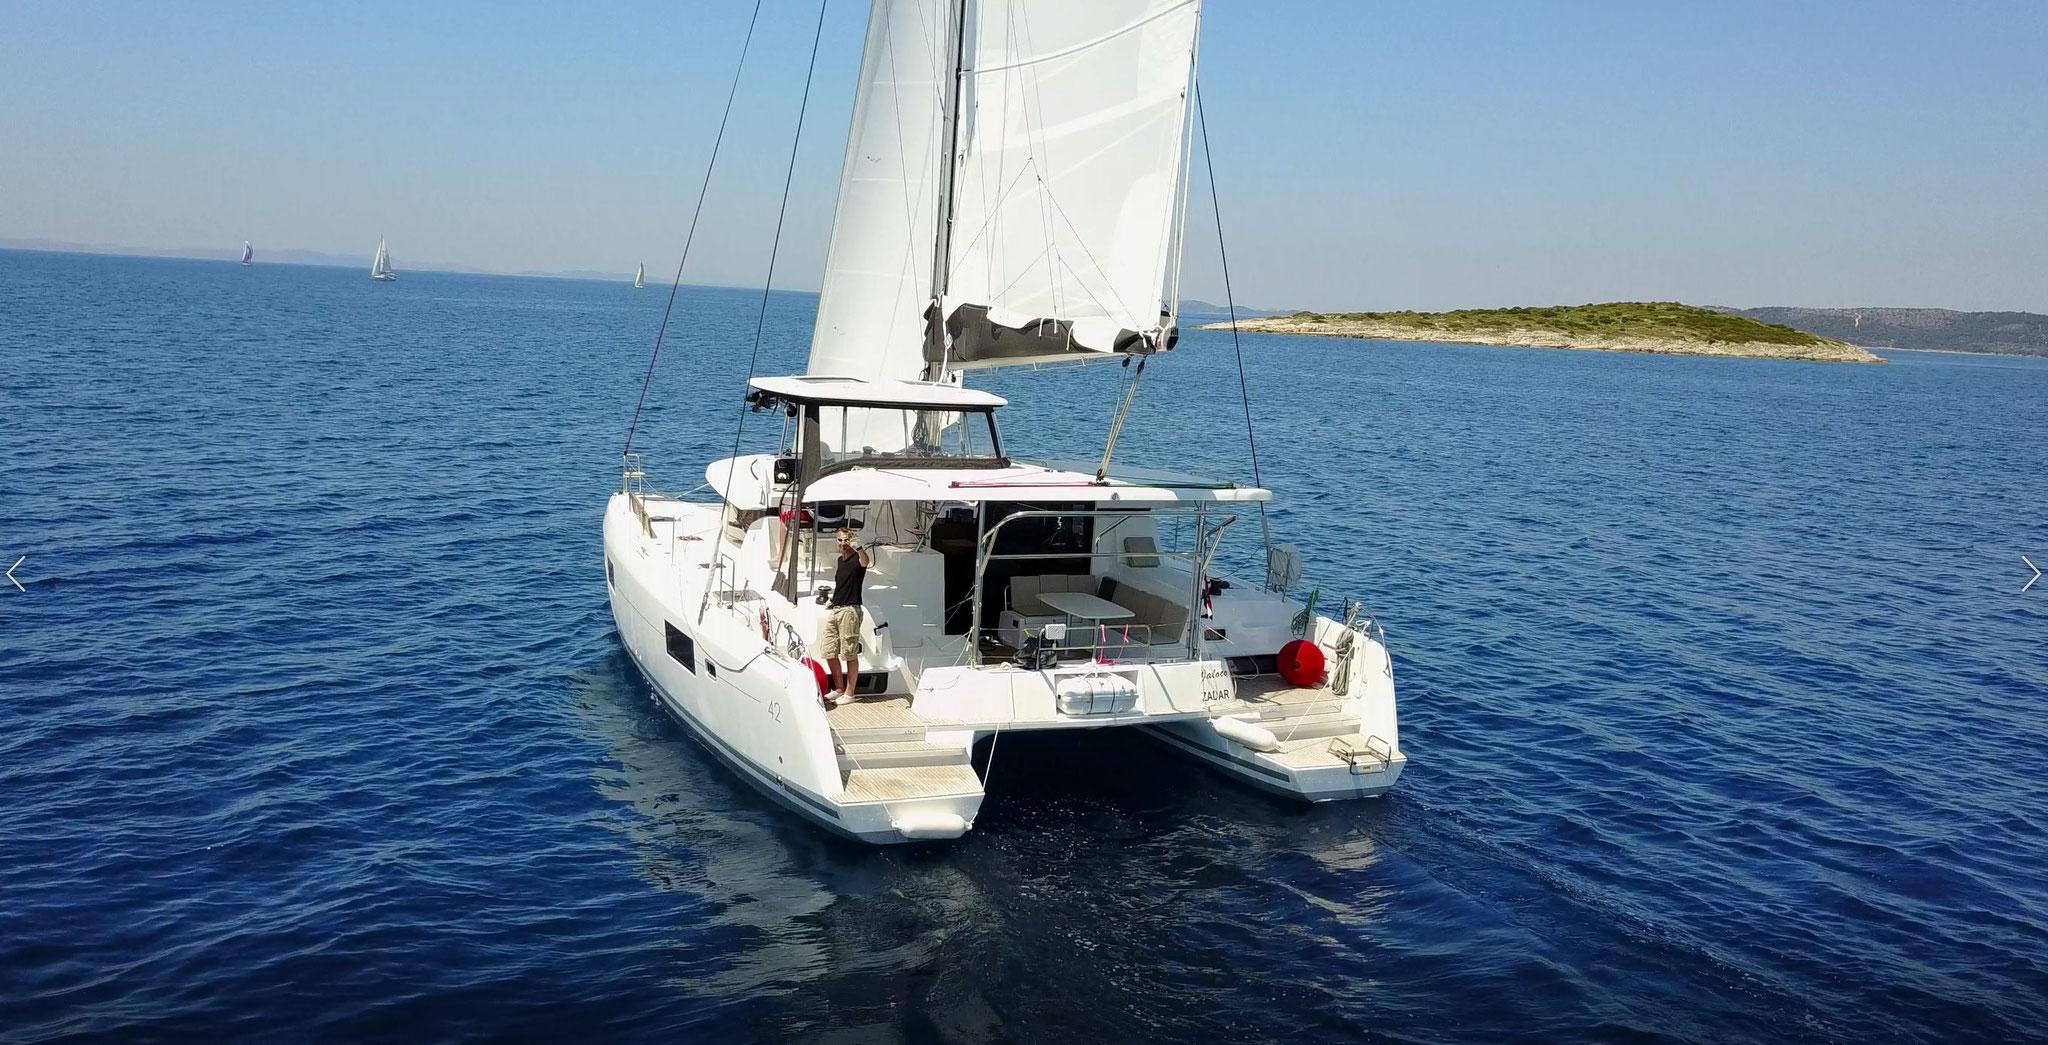 Katamaran segeln als Katamarantraining in Kroatien - www.katamaramtraum.com